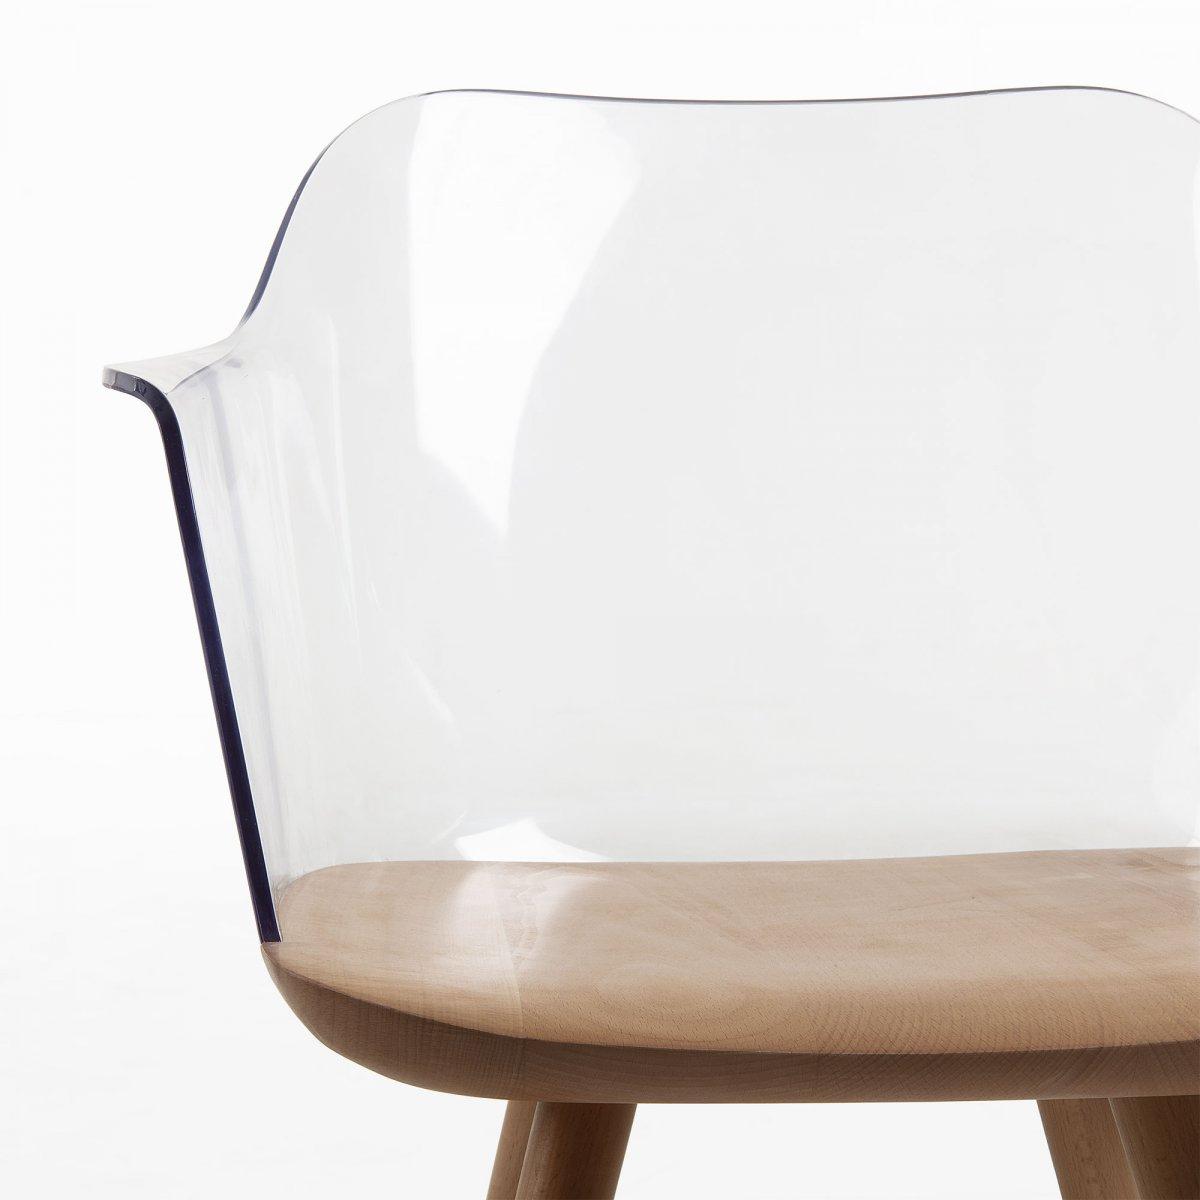 Keihome Linea J BJORG Sedia braccioli legno naturale plastica trasparente